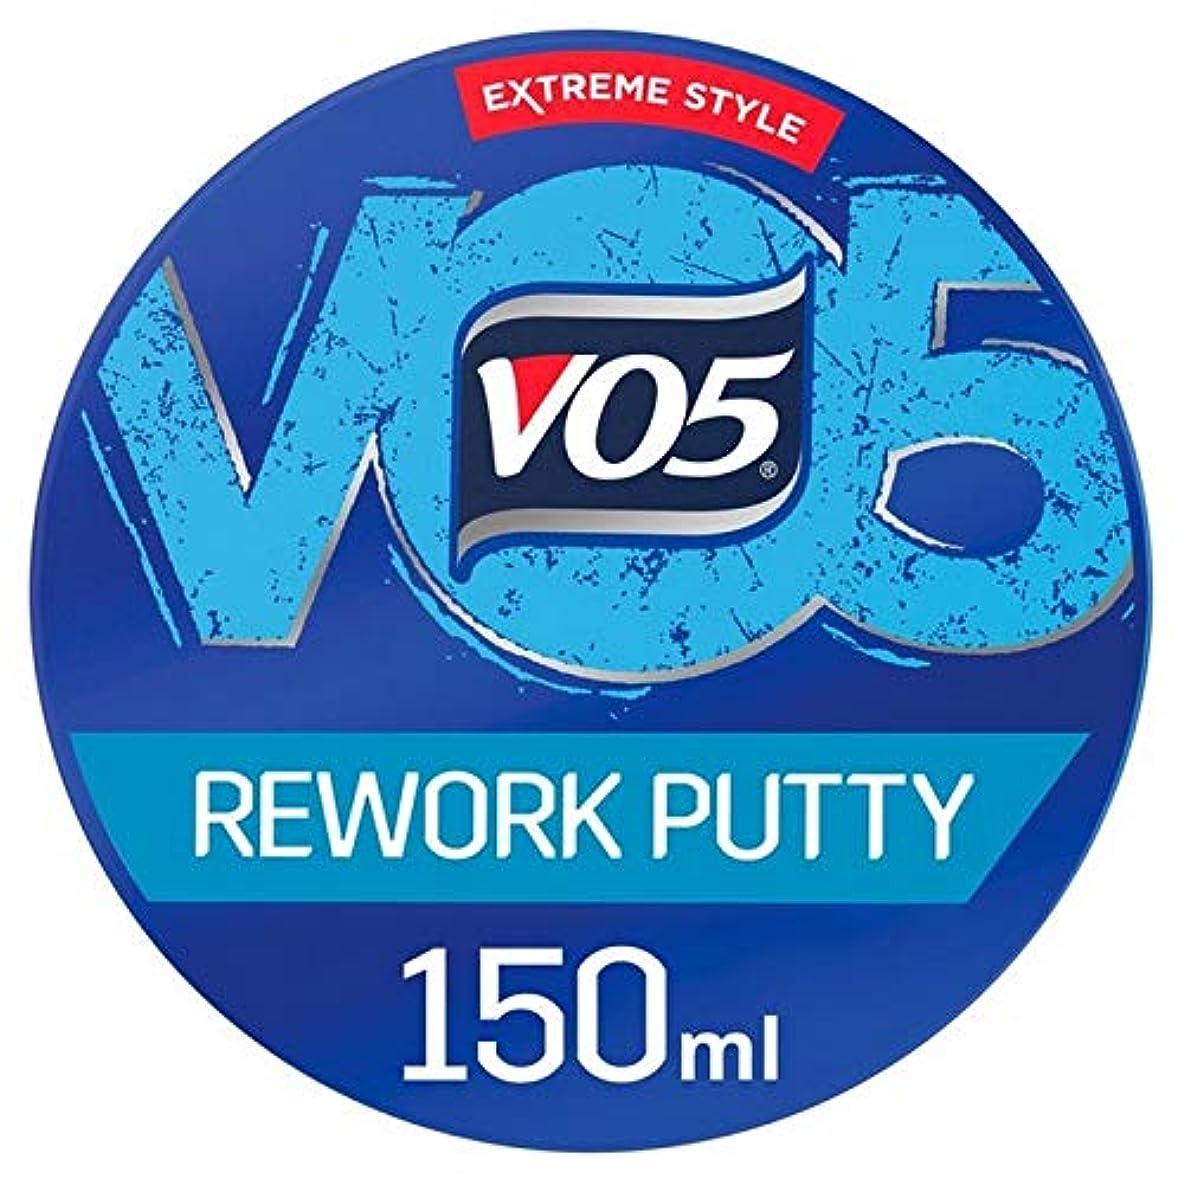 バイオレット晩ごはん確かめる[VO5] Vo5極端なスタイルリワークパテ150ミリリットル - VO5 Extreme Style Rework Putty 150ml [並行輸入品]